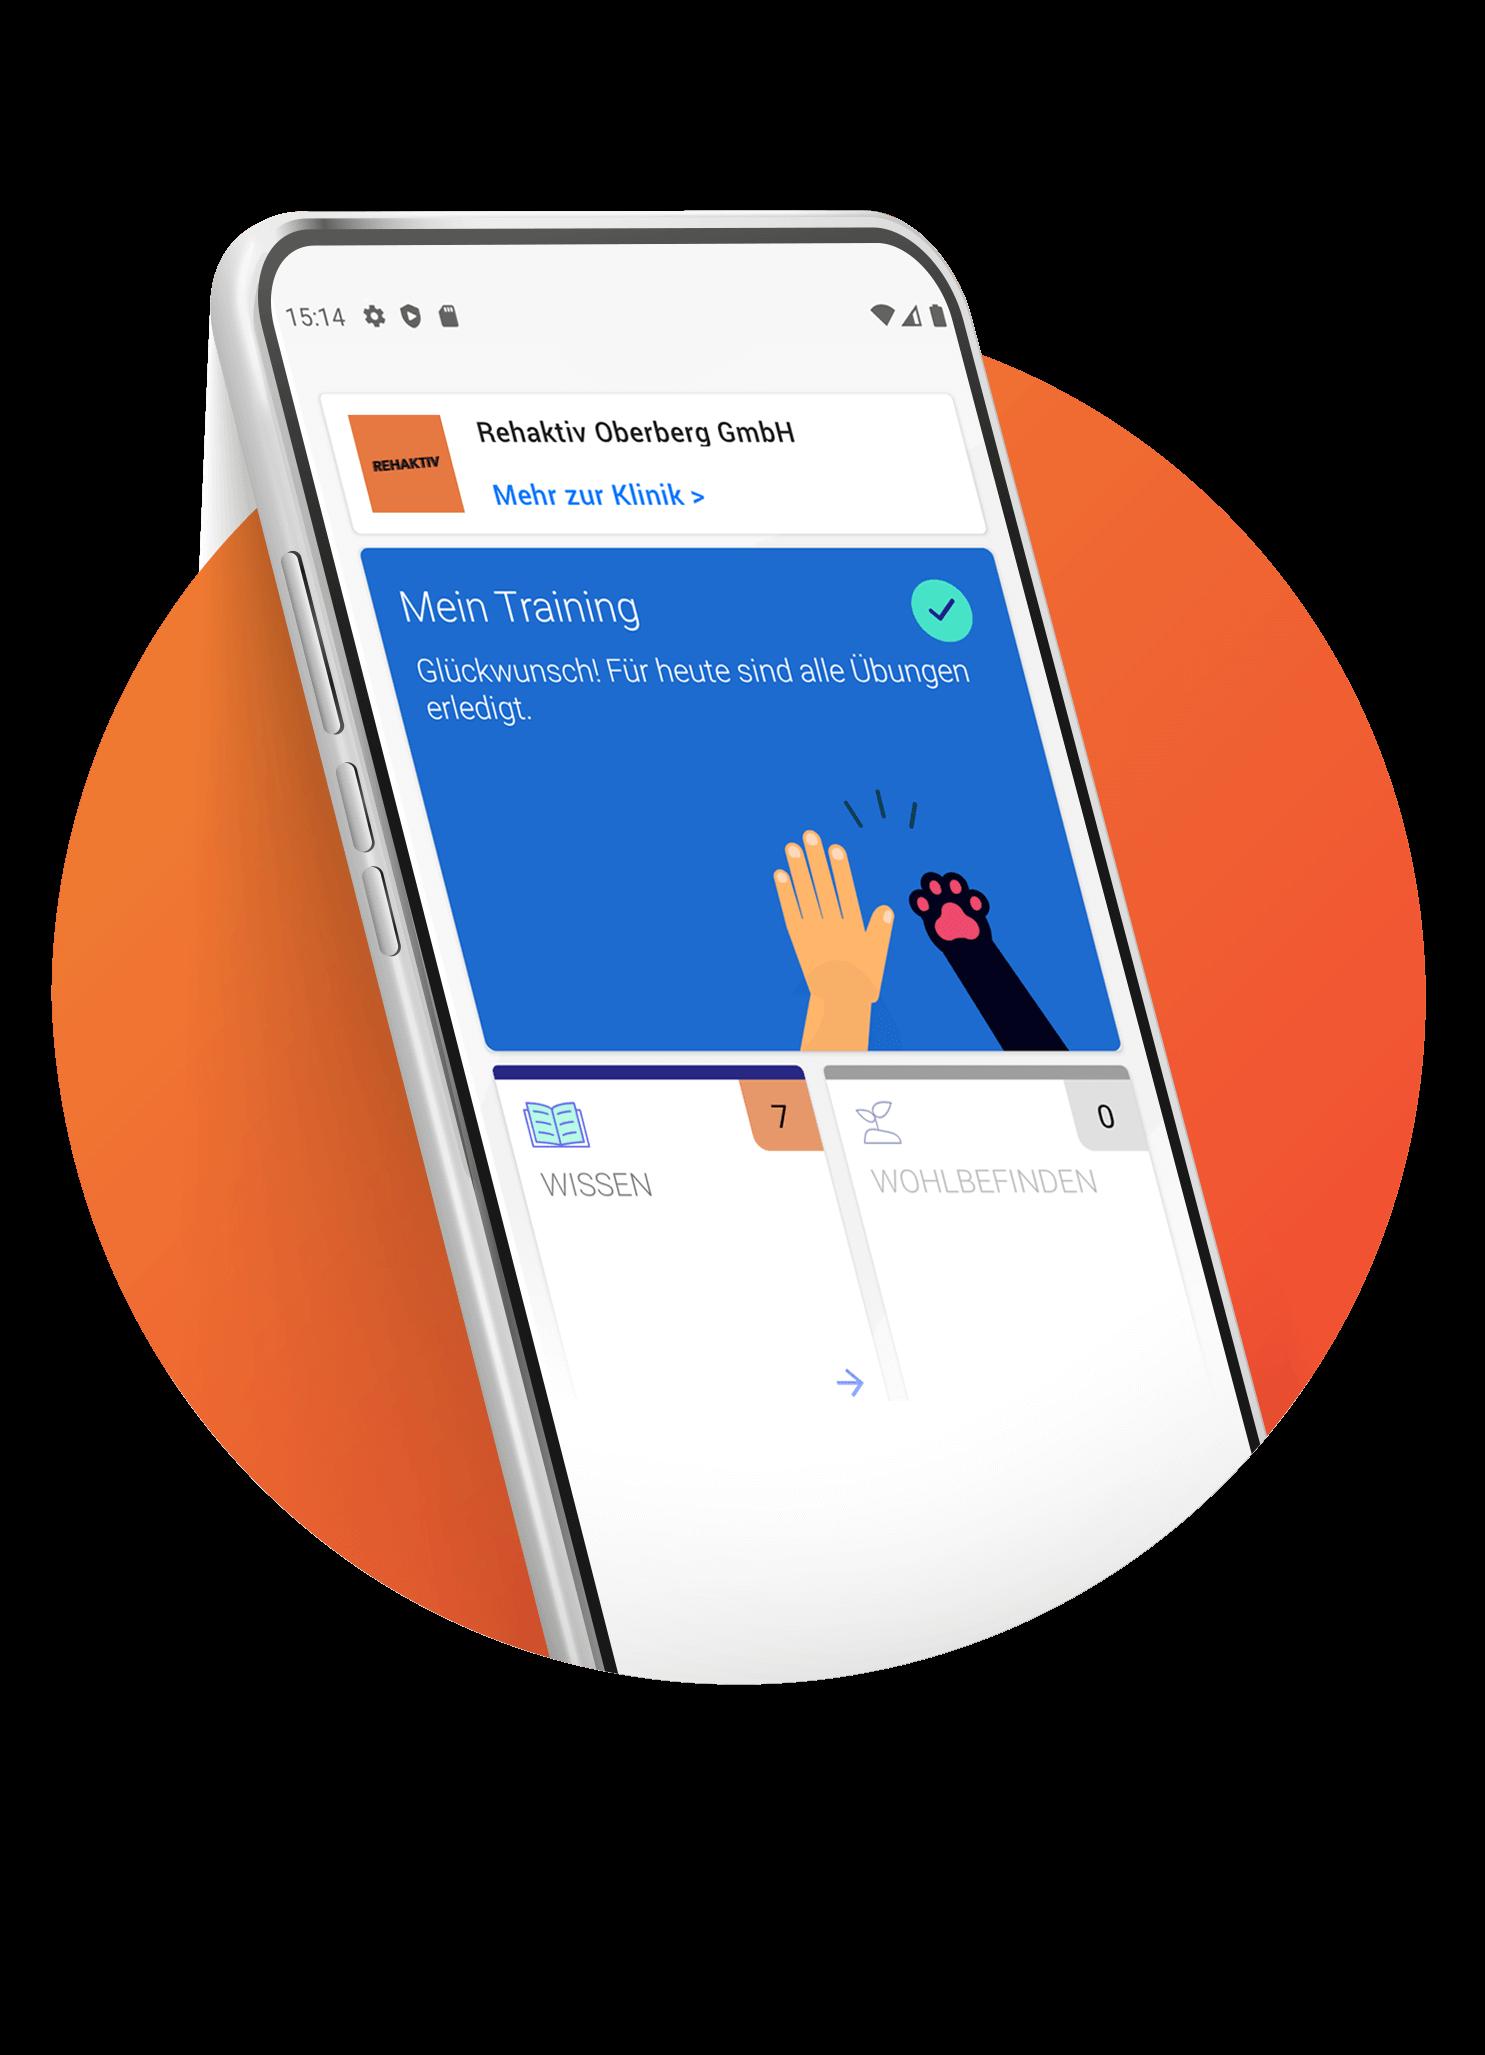 Die Rehaktiv App in einem Bild